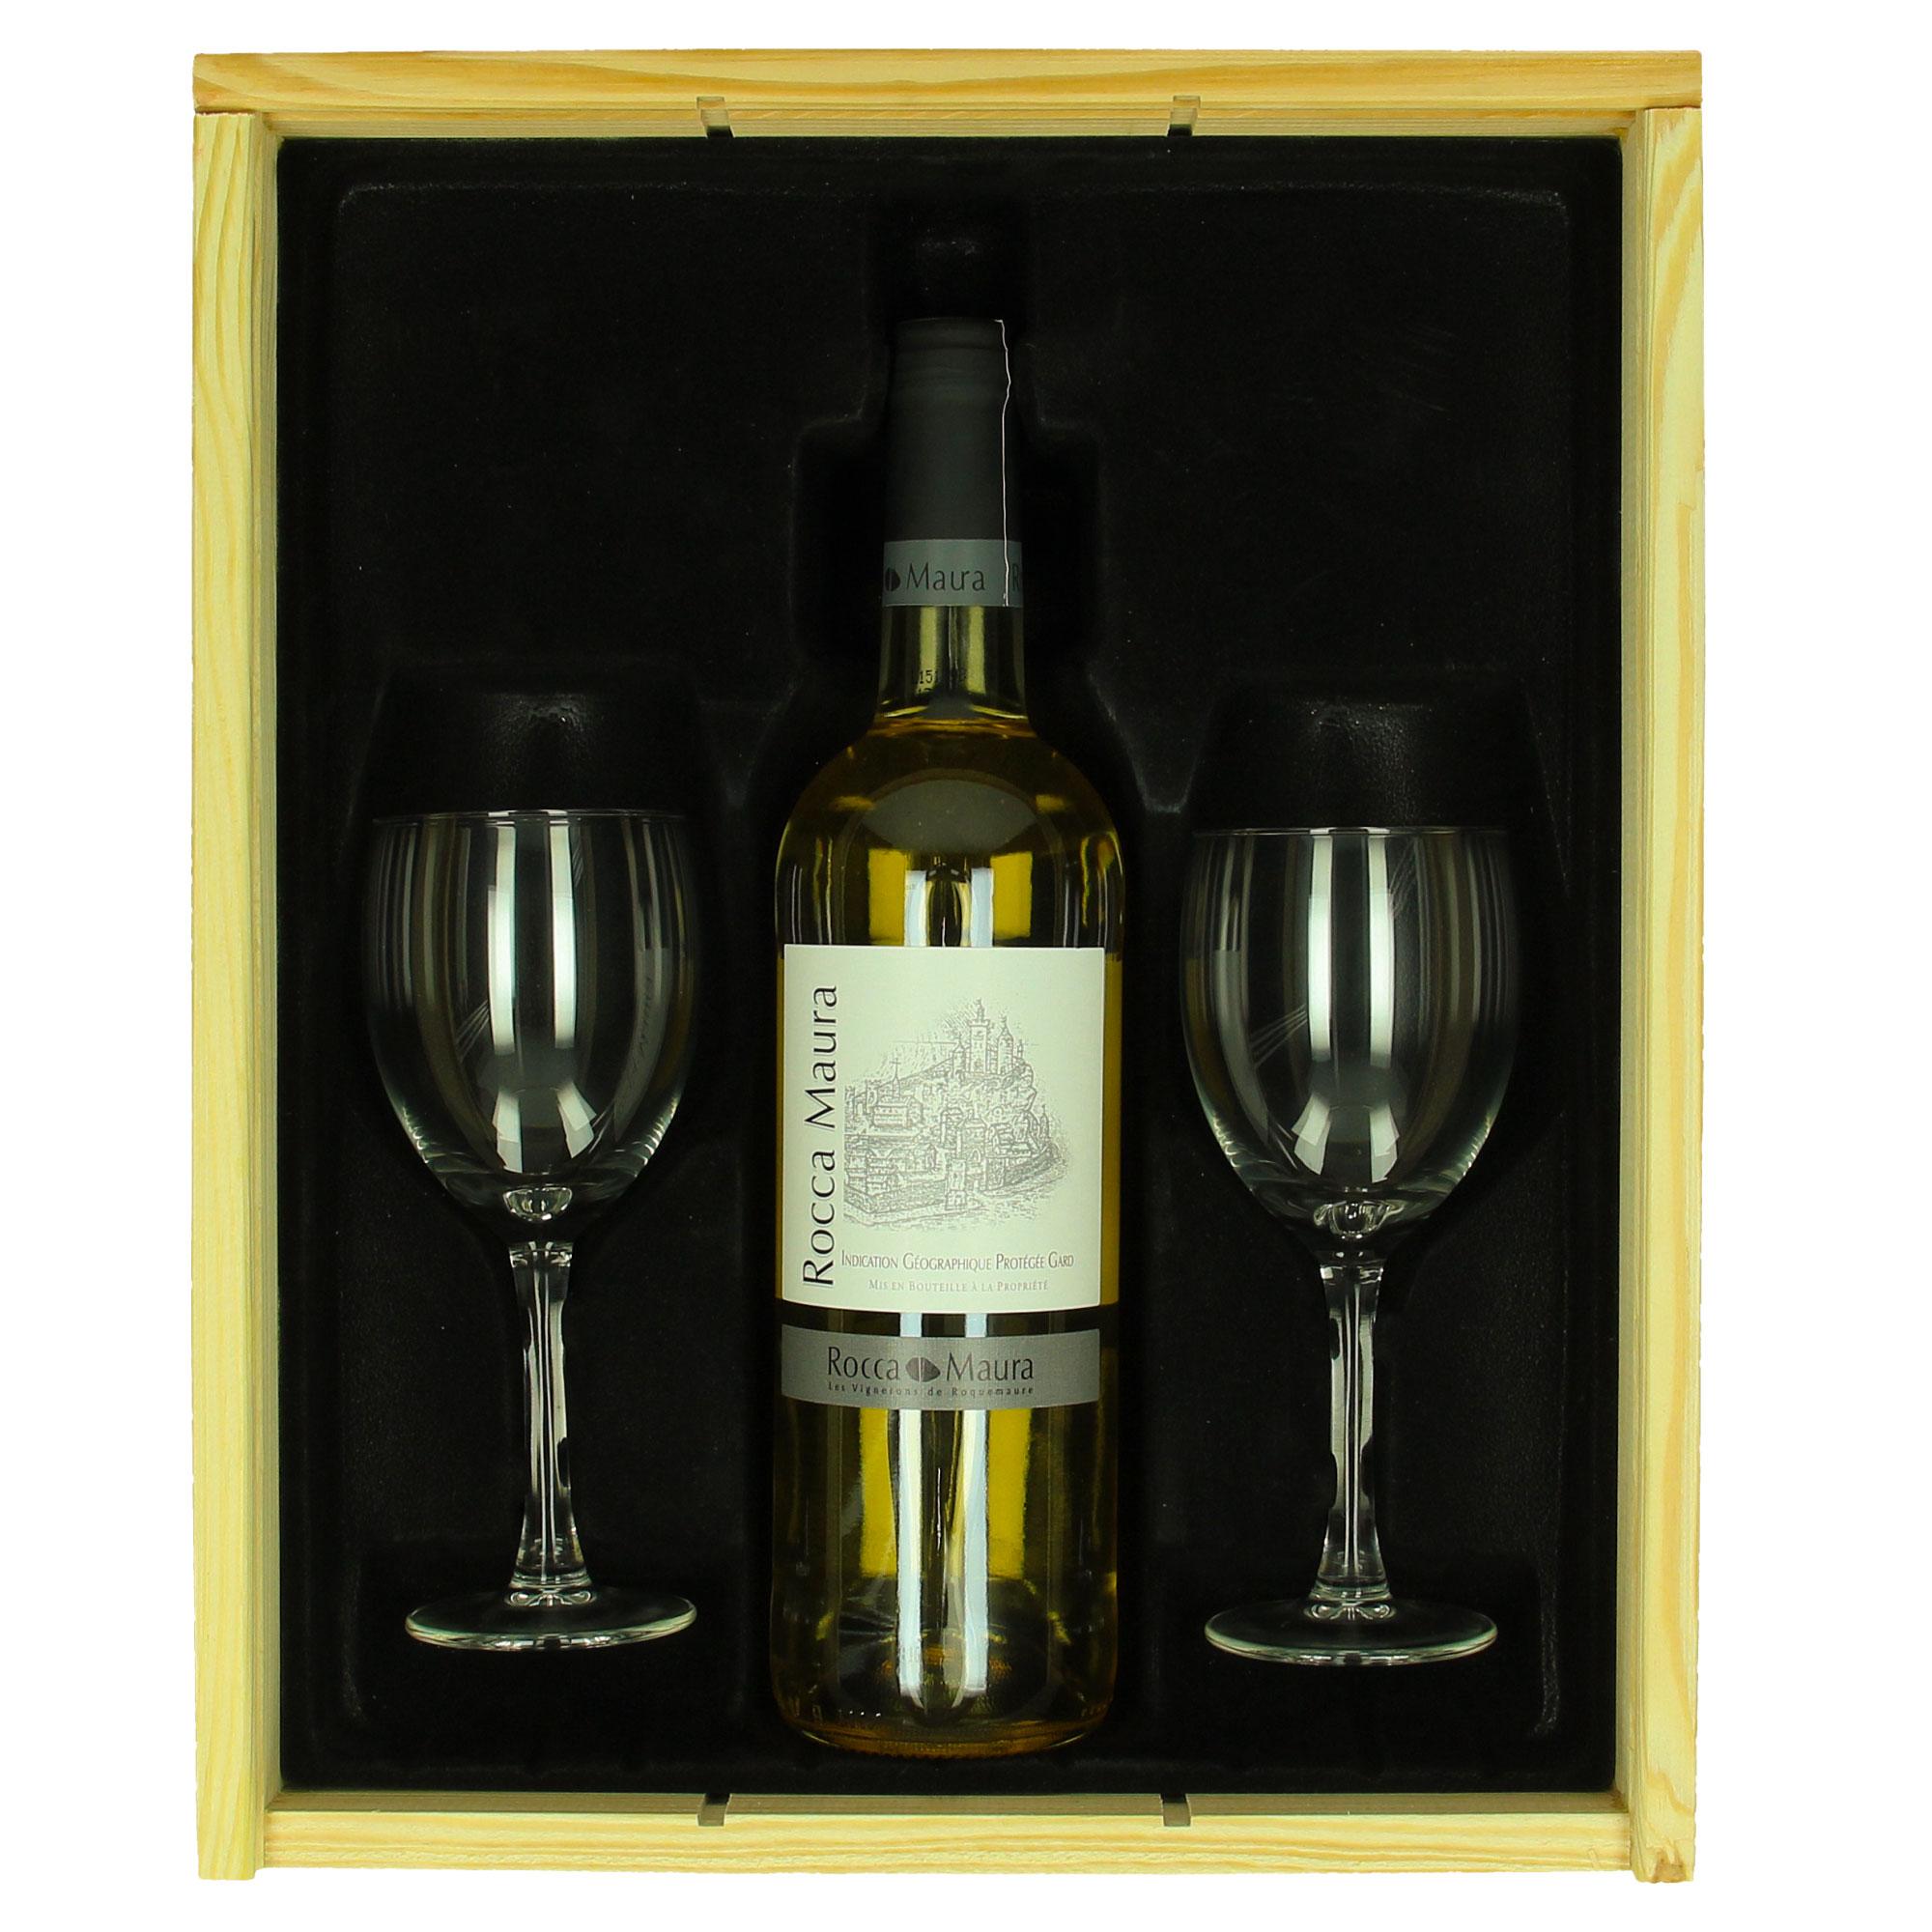 Coffret de vin Rocca Maura (blanc) + verres personnalisés